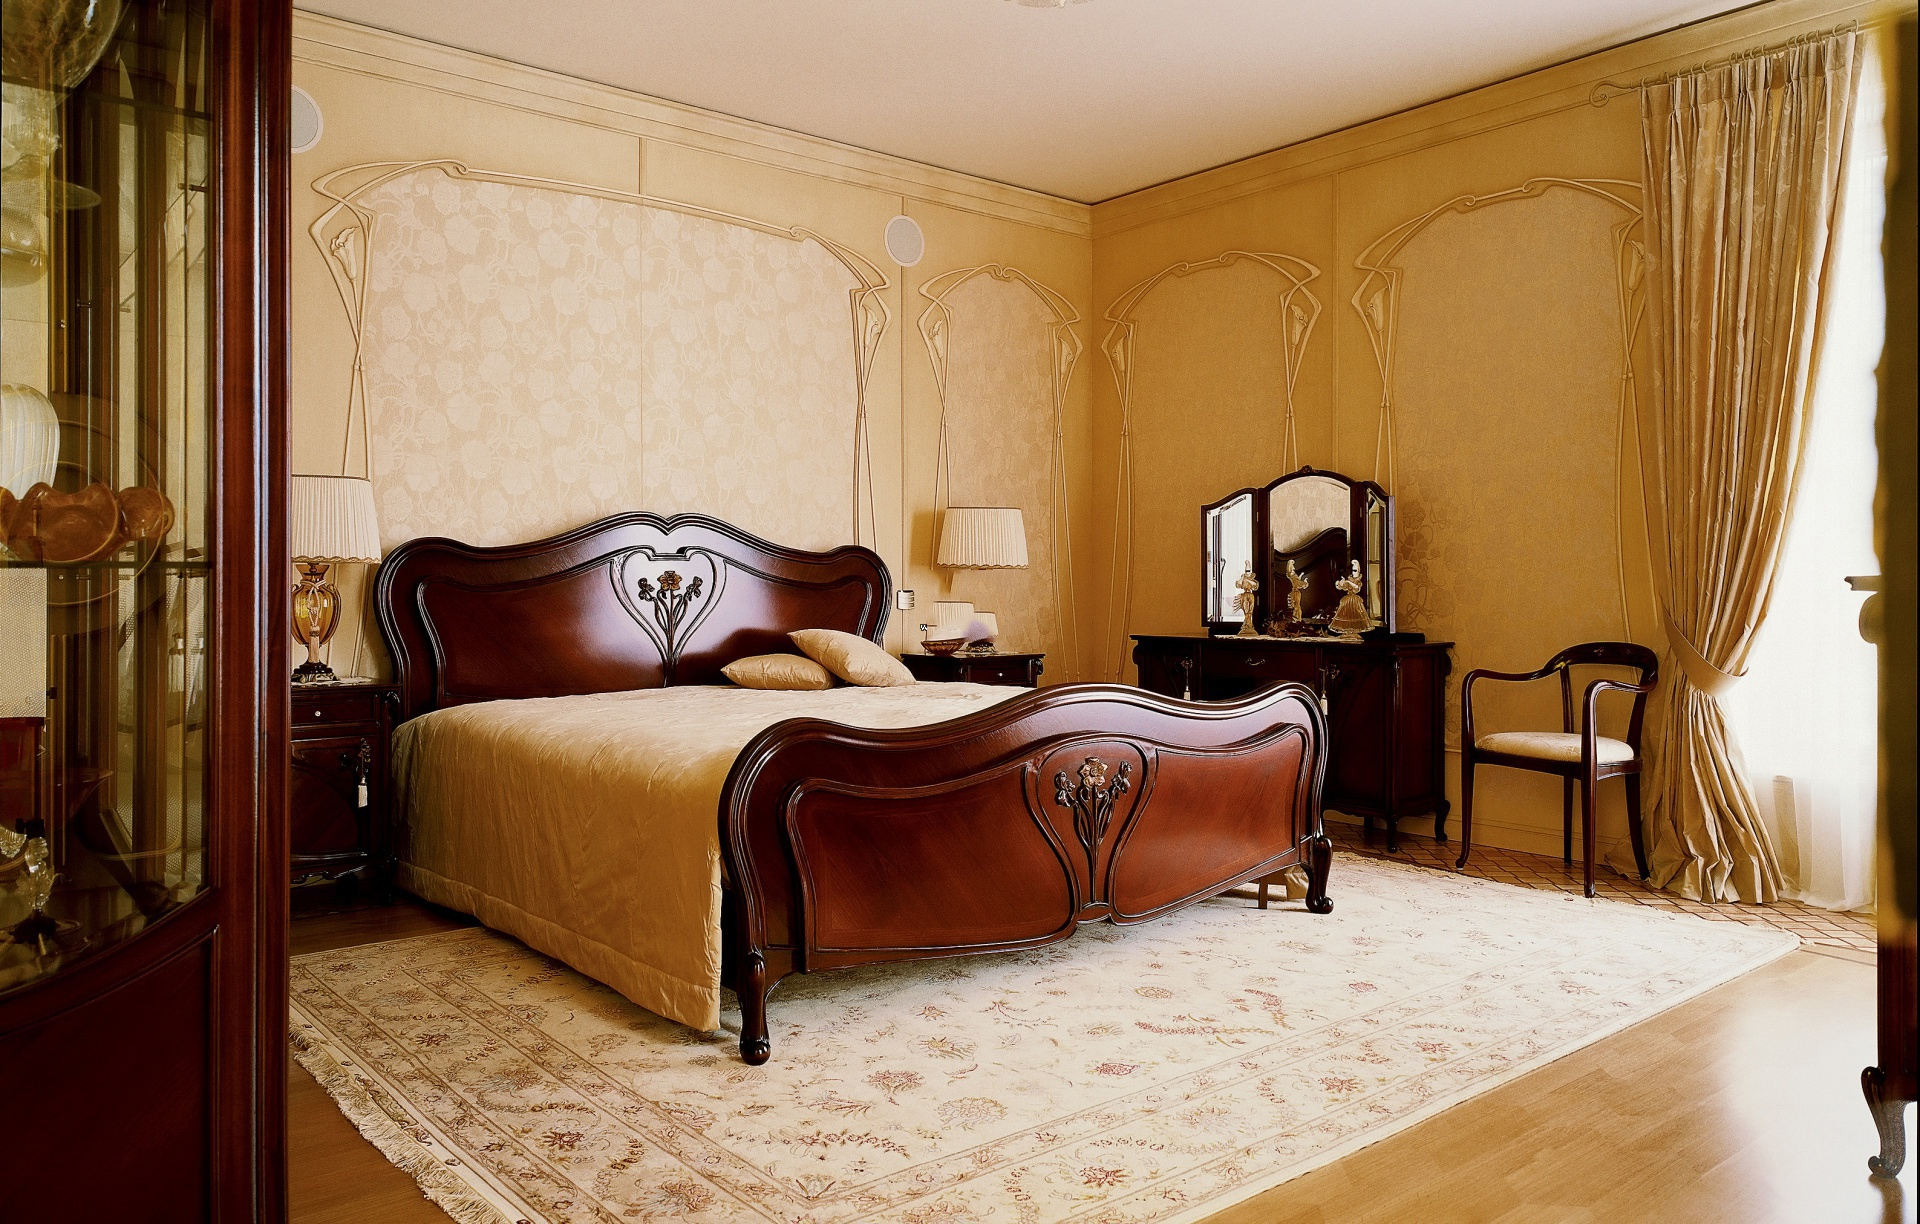 Модерн стиль в интерьере спальни фото